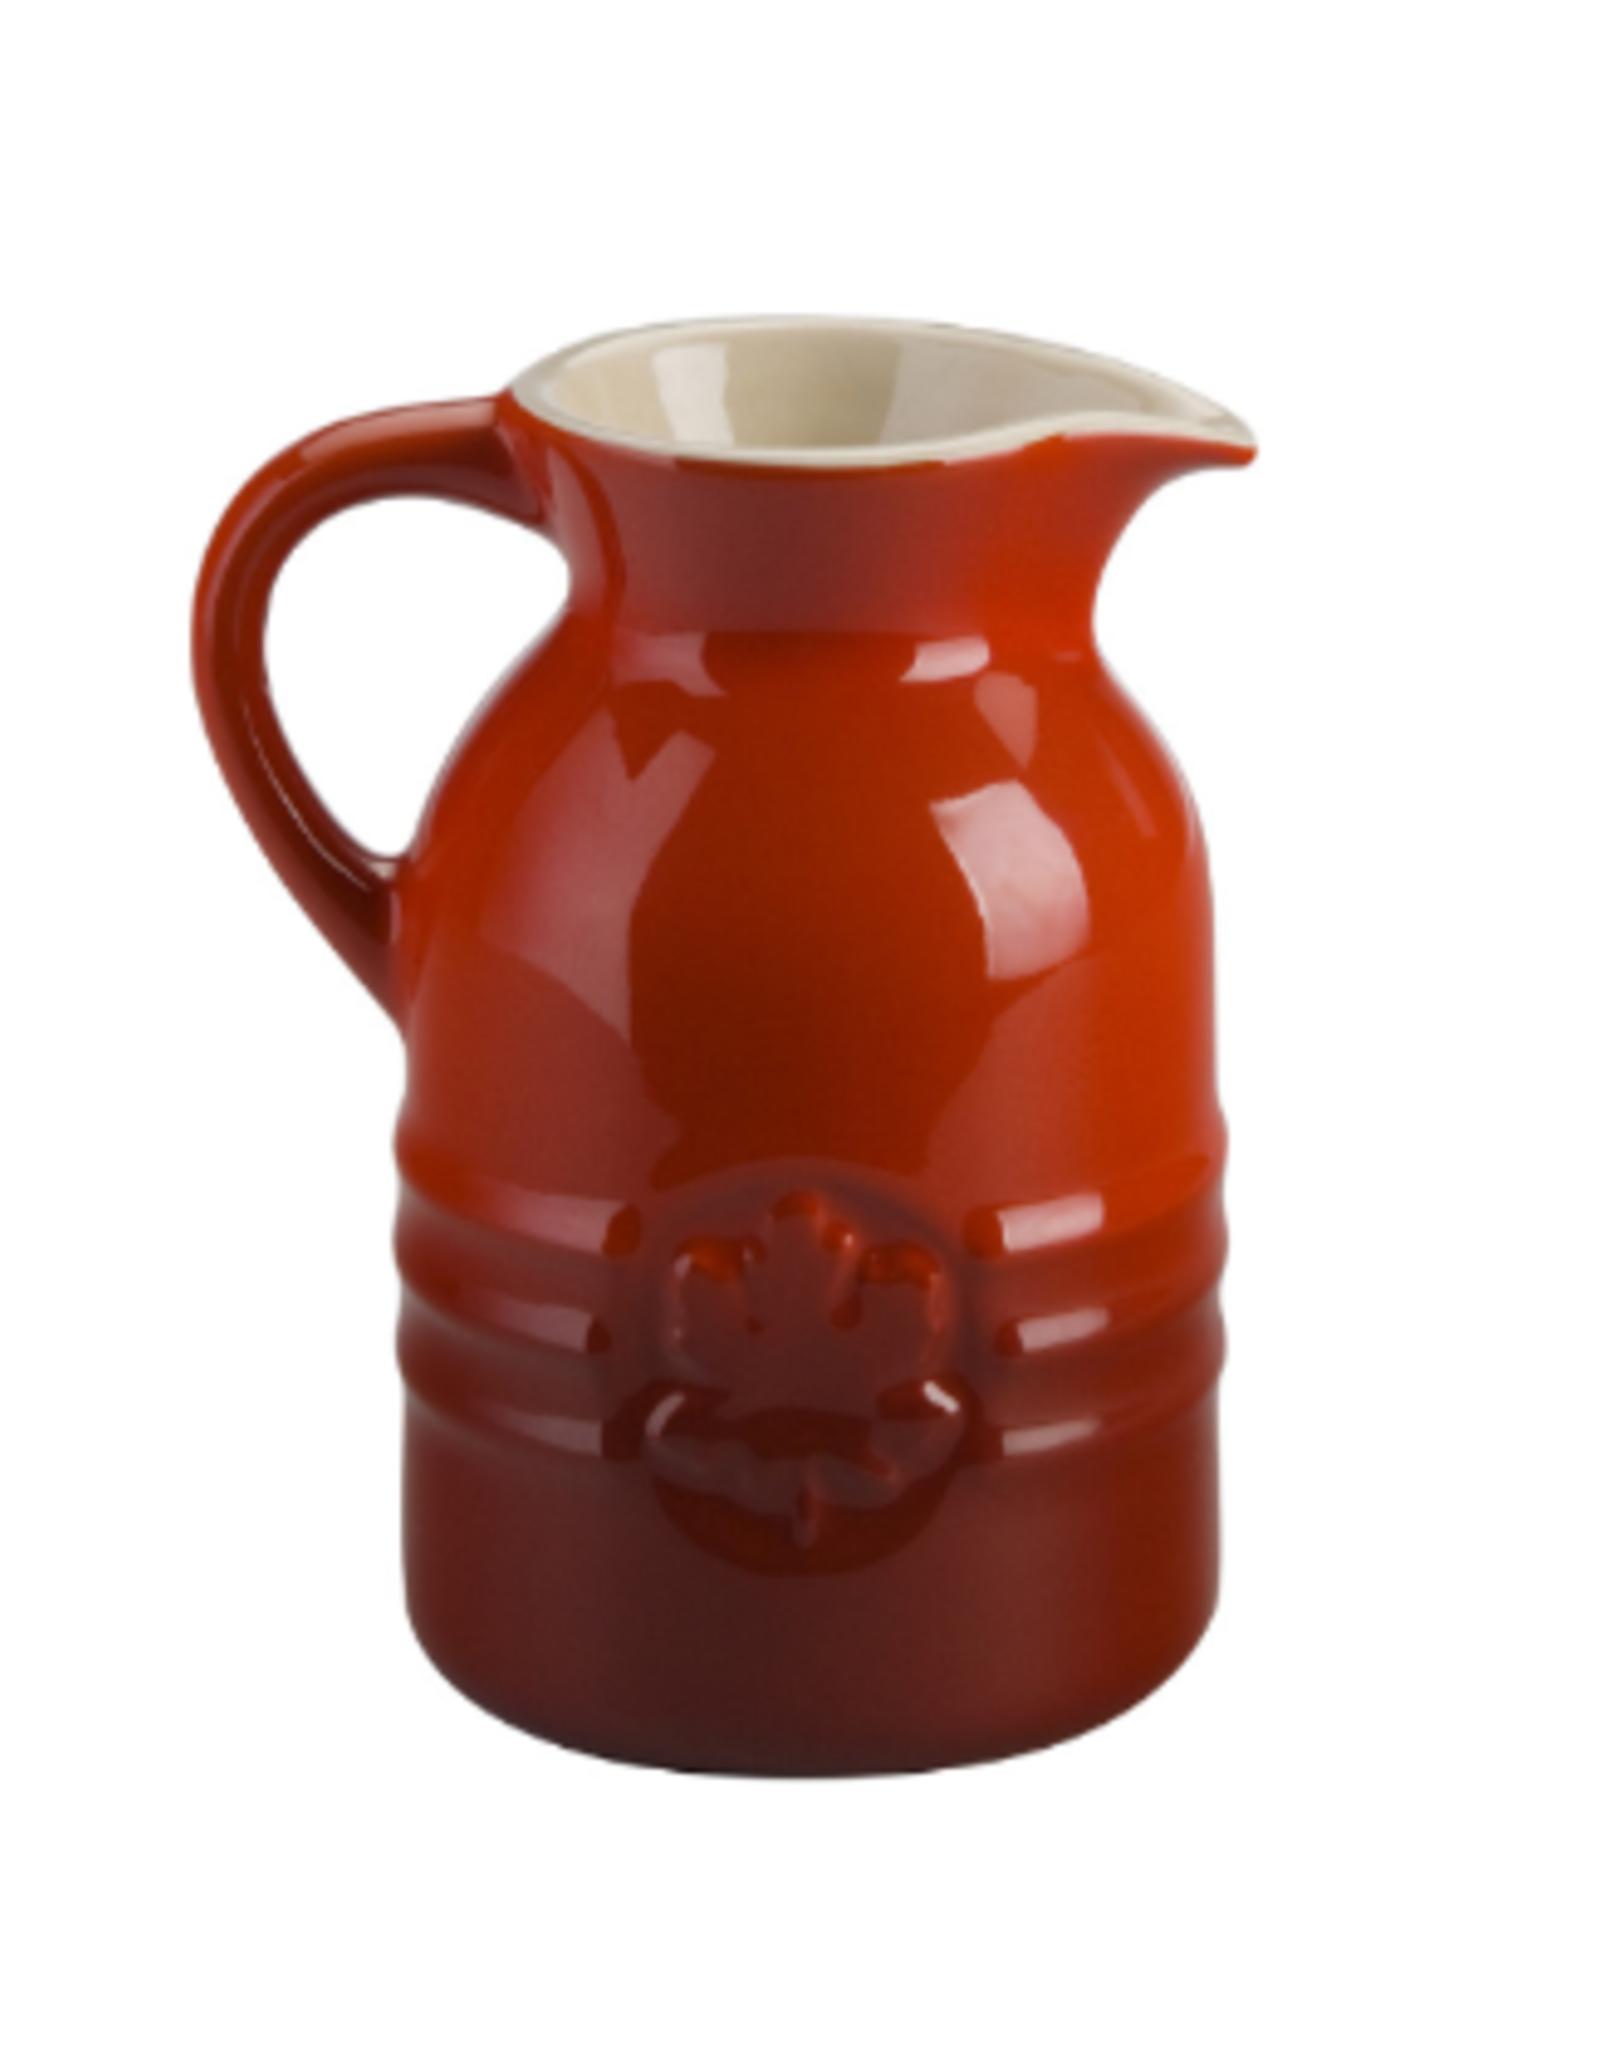 Le Creuset Le Creuset Syrup Jar, 8oz, Cerise